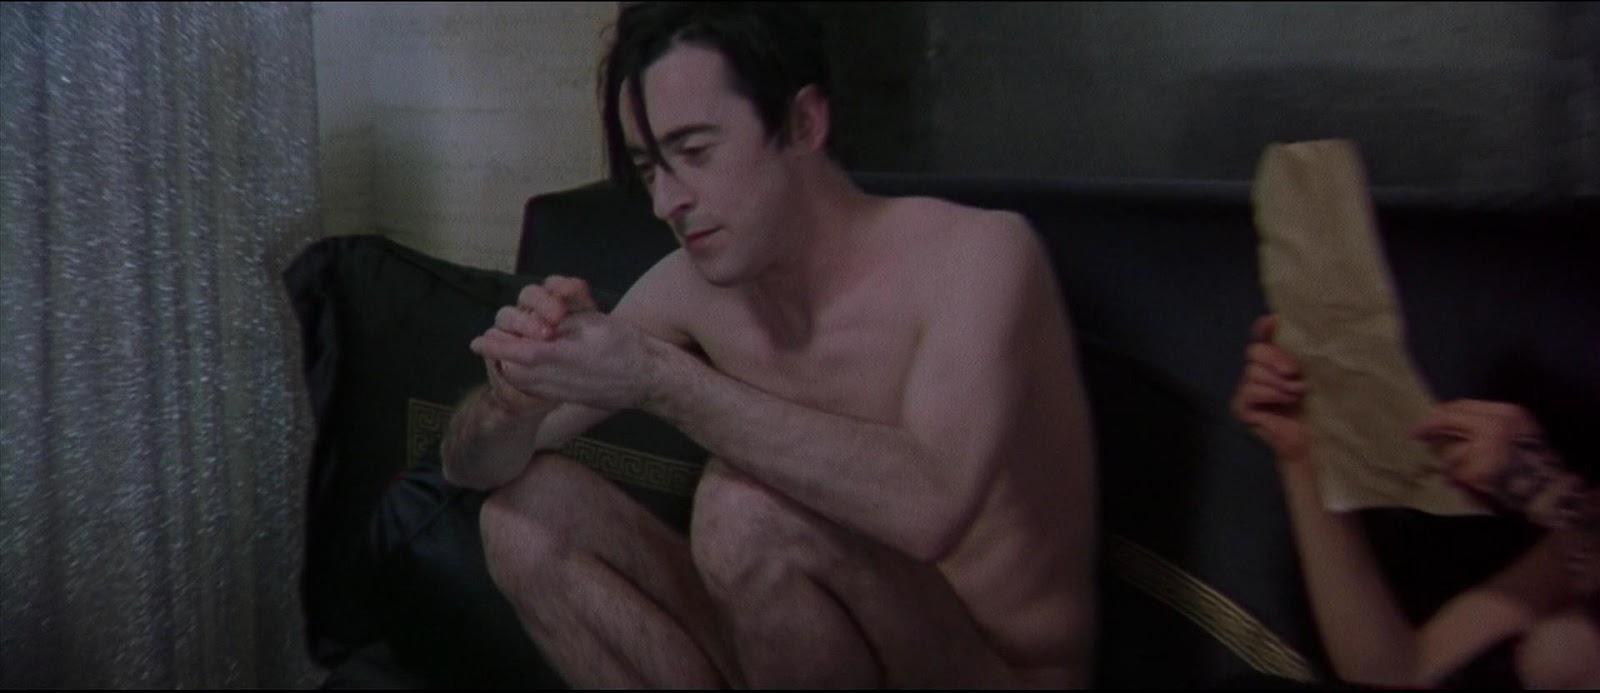 Circle jerk boys porn movies